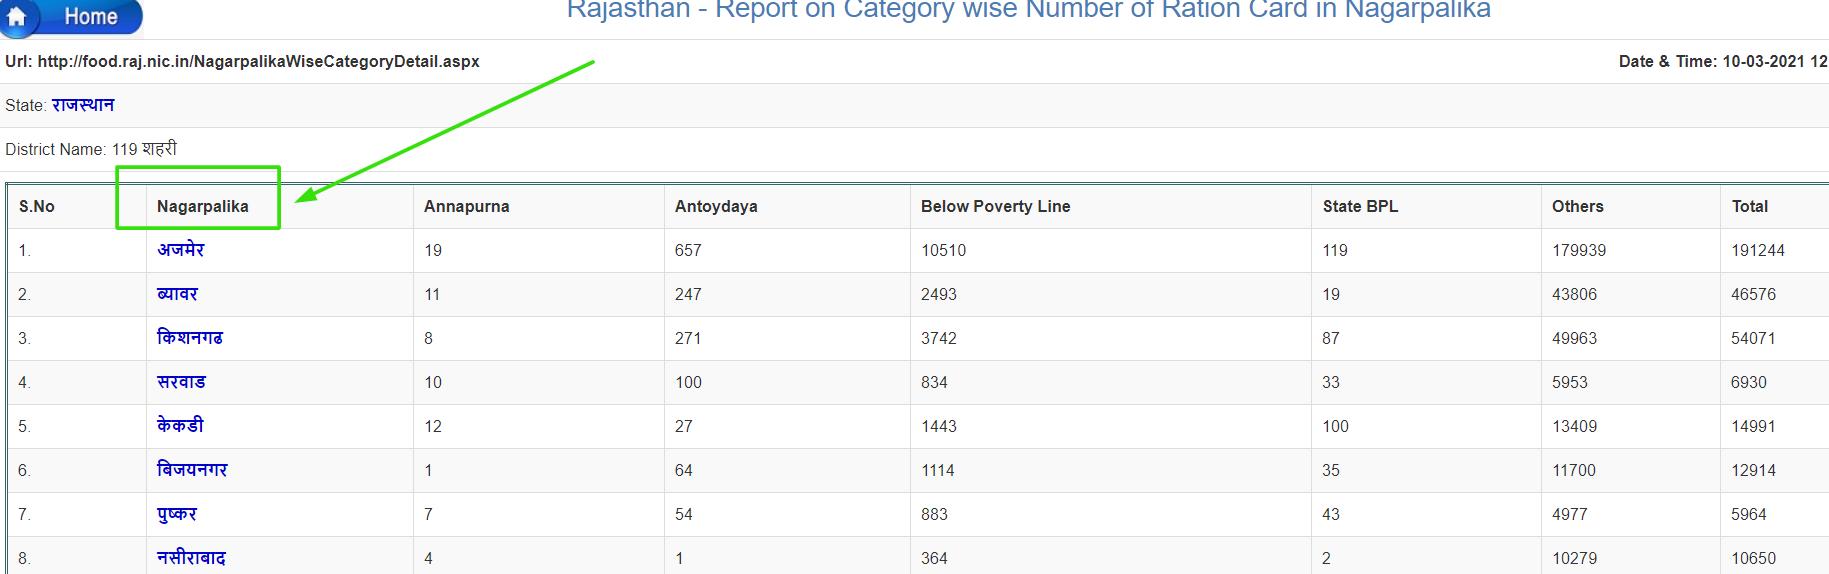 राजस्थान-रिपोर्ट-केटेगरी-वाइज-राशन-कार्ड-लिस्ट-2021-देखने-की-प्रक्रिया